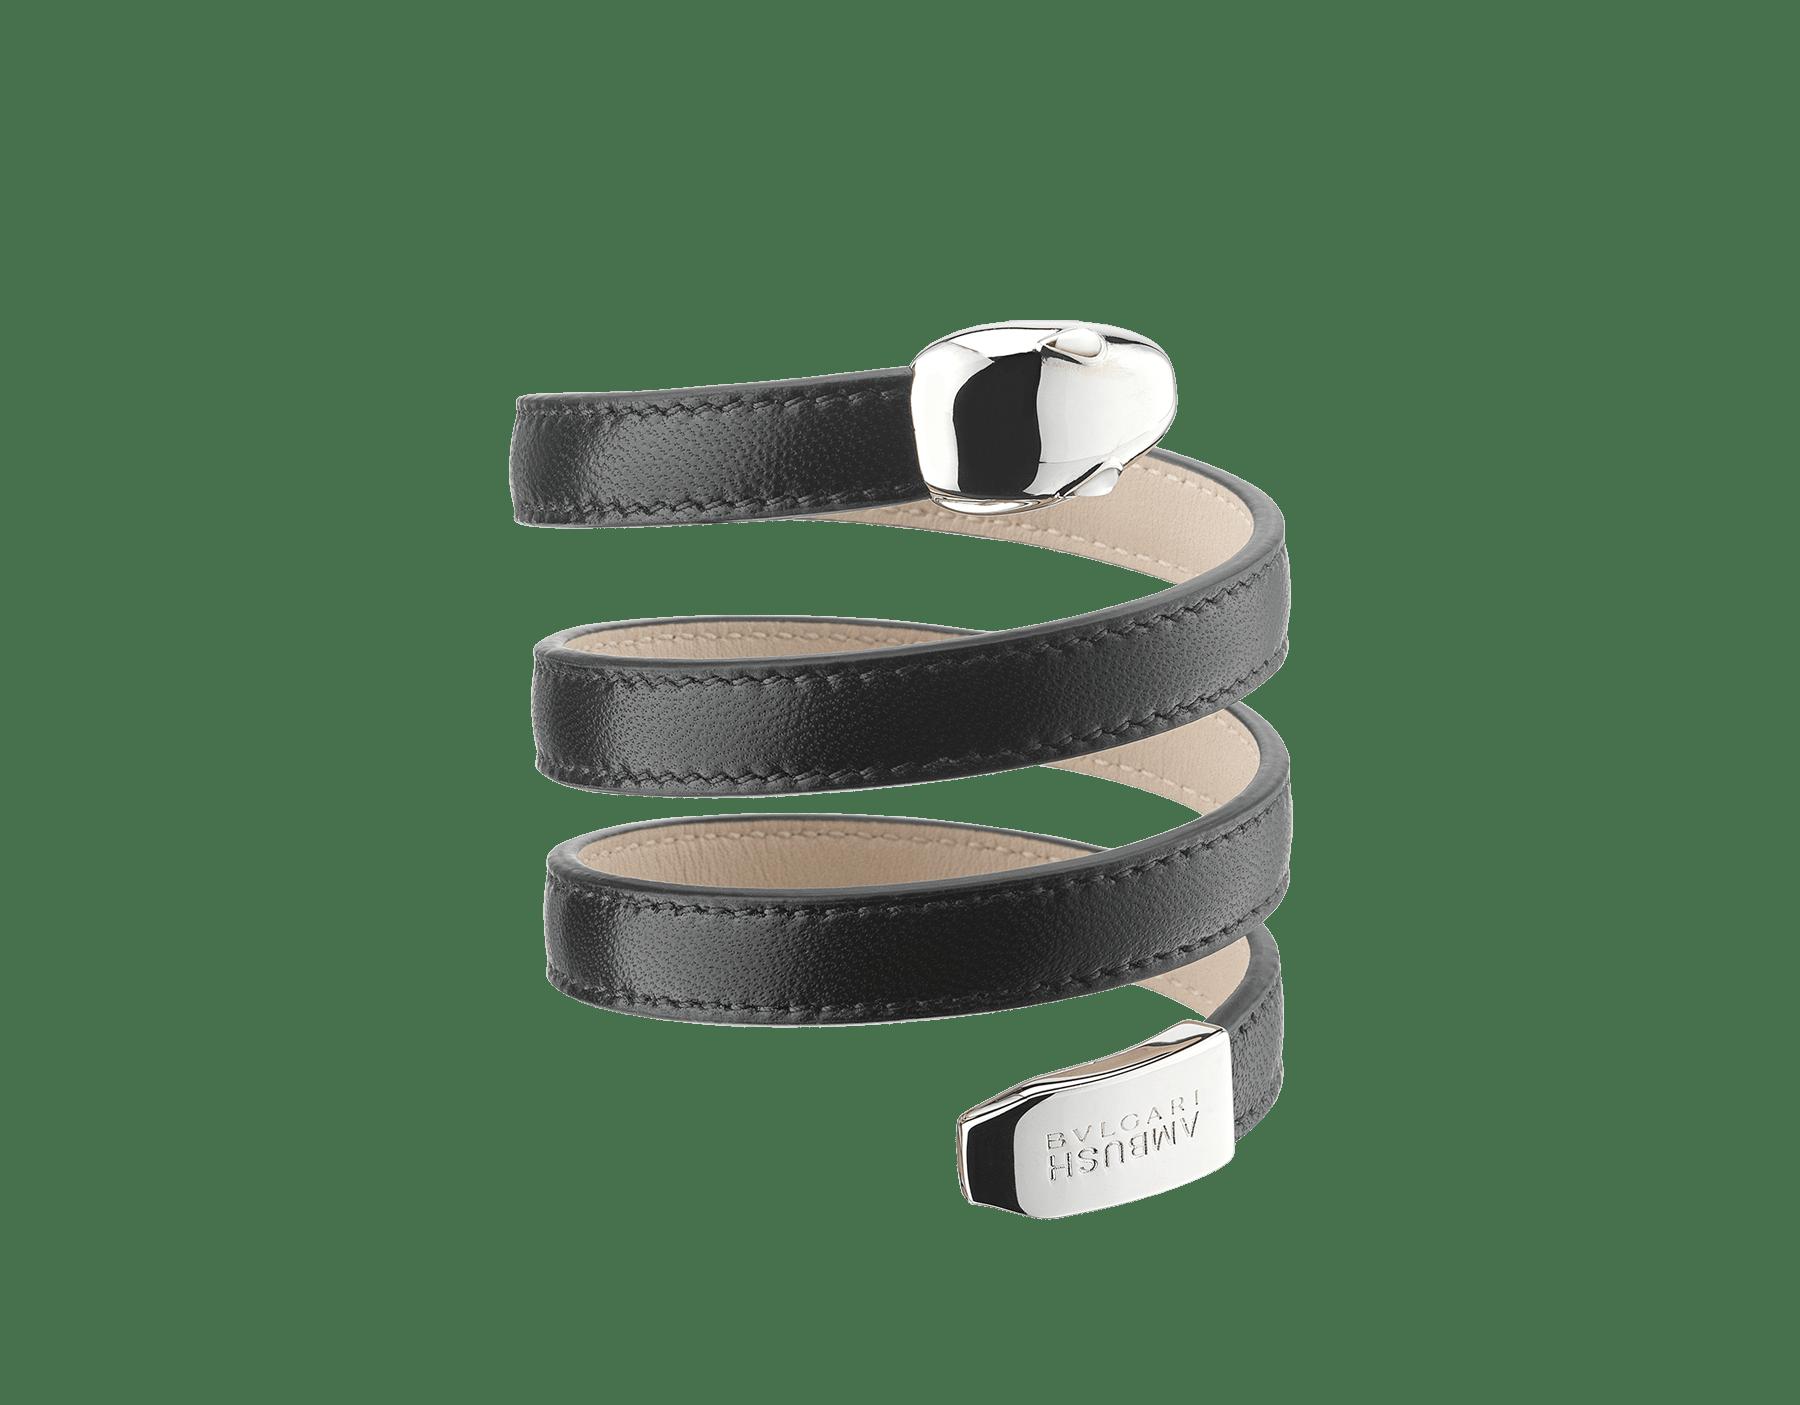 Mehrfach geschwungenes Ambush x Bvlgari Serpenti Armband aus violettem Nappaleder. Das Modell zeichnet sich durch einen ikonischen Schlangenkopf aus palladiumbeschichtetem Messing mit Augen aus schwarzem Onyx und eine Schwanzspitze mit BVLGARI AMBUSH Logo aus. Limited edition. YA-BRACELET image 1